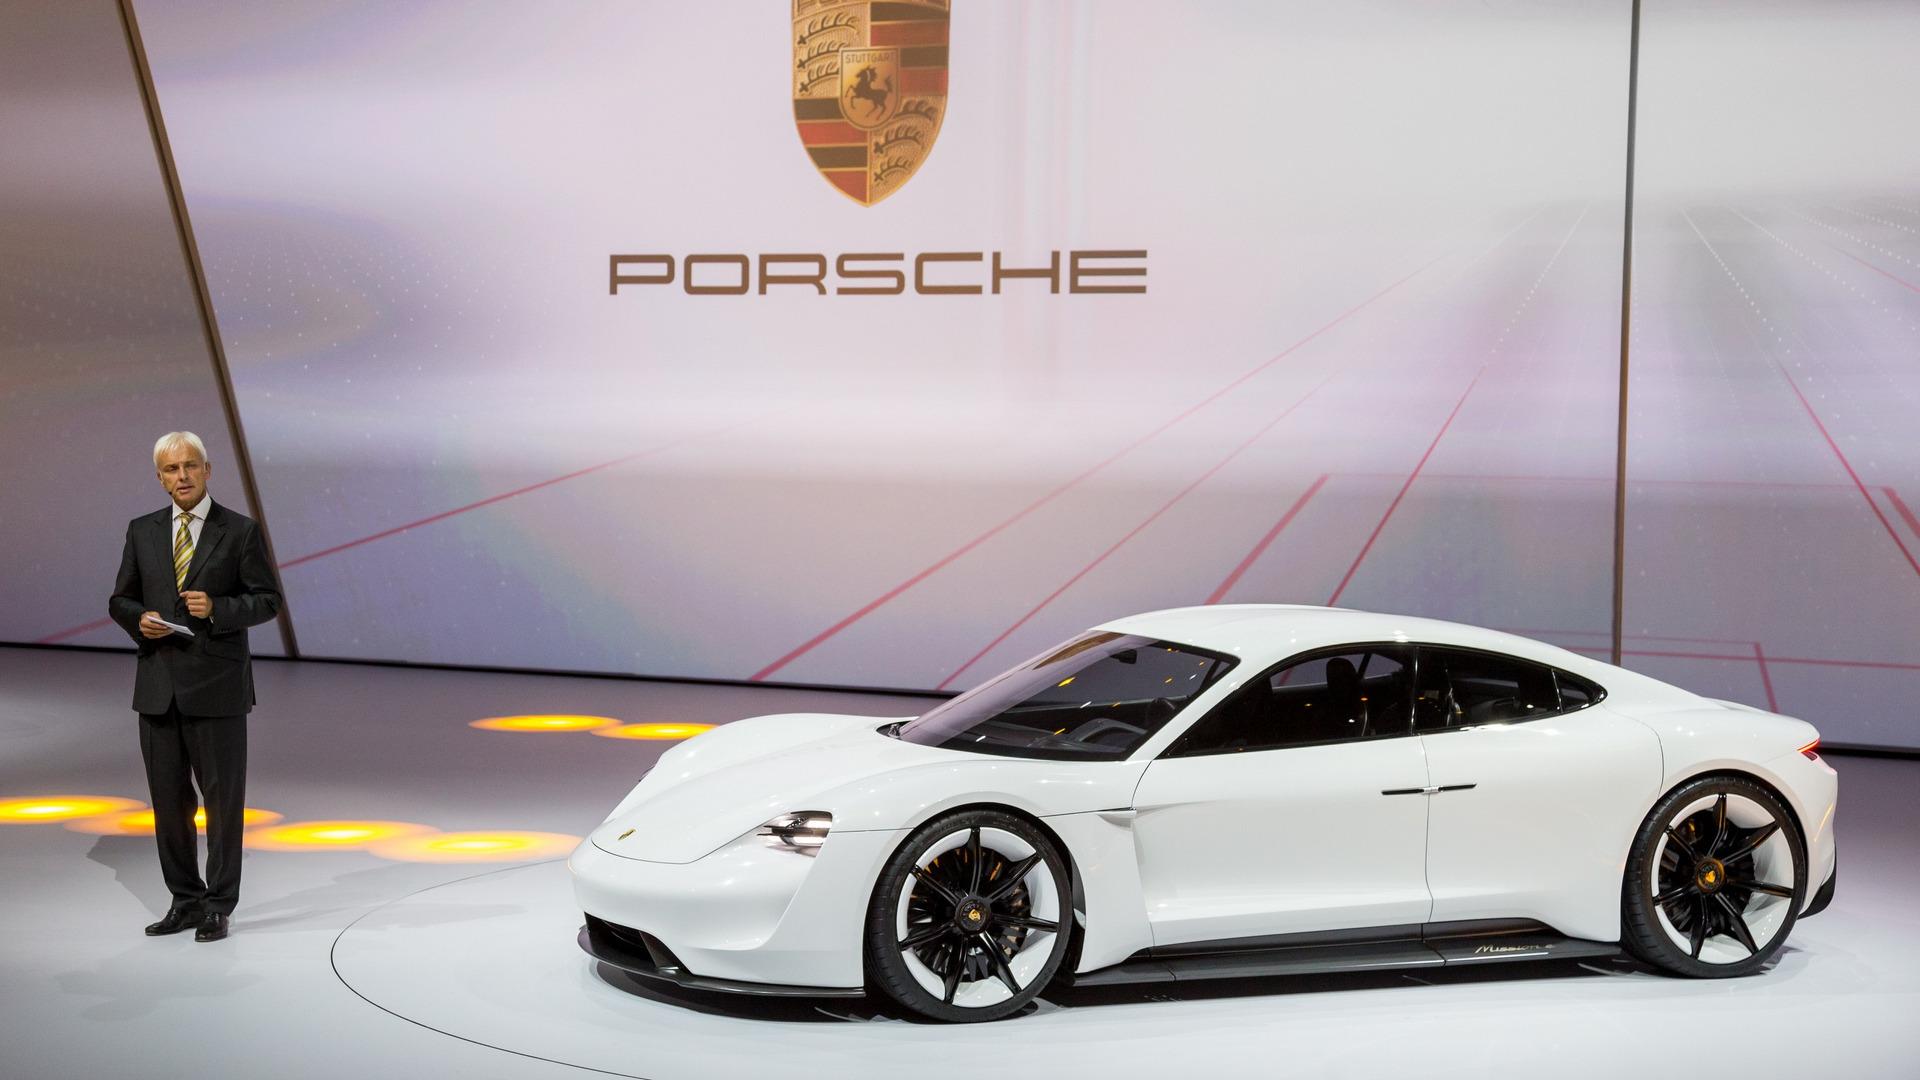 2015-porsche-mission-e-concept